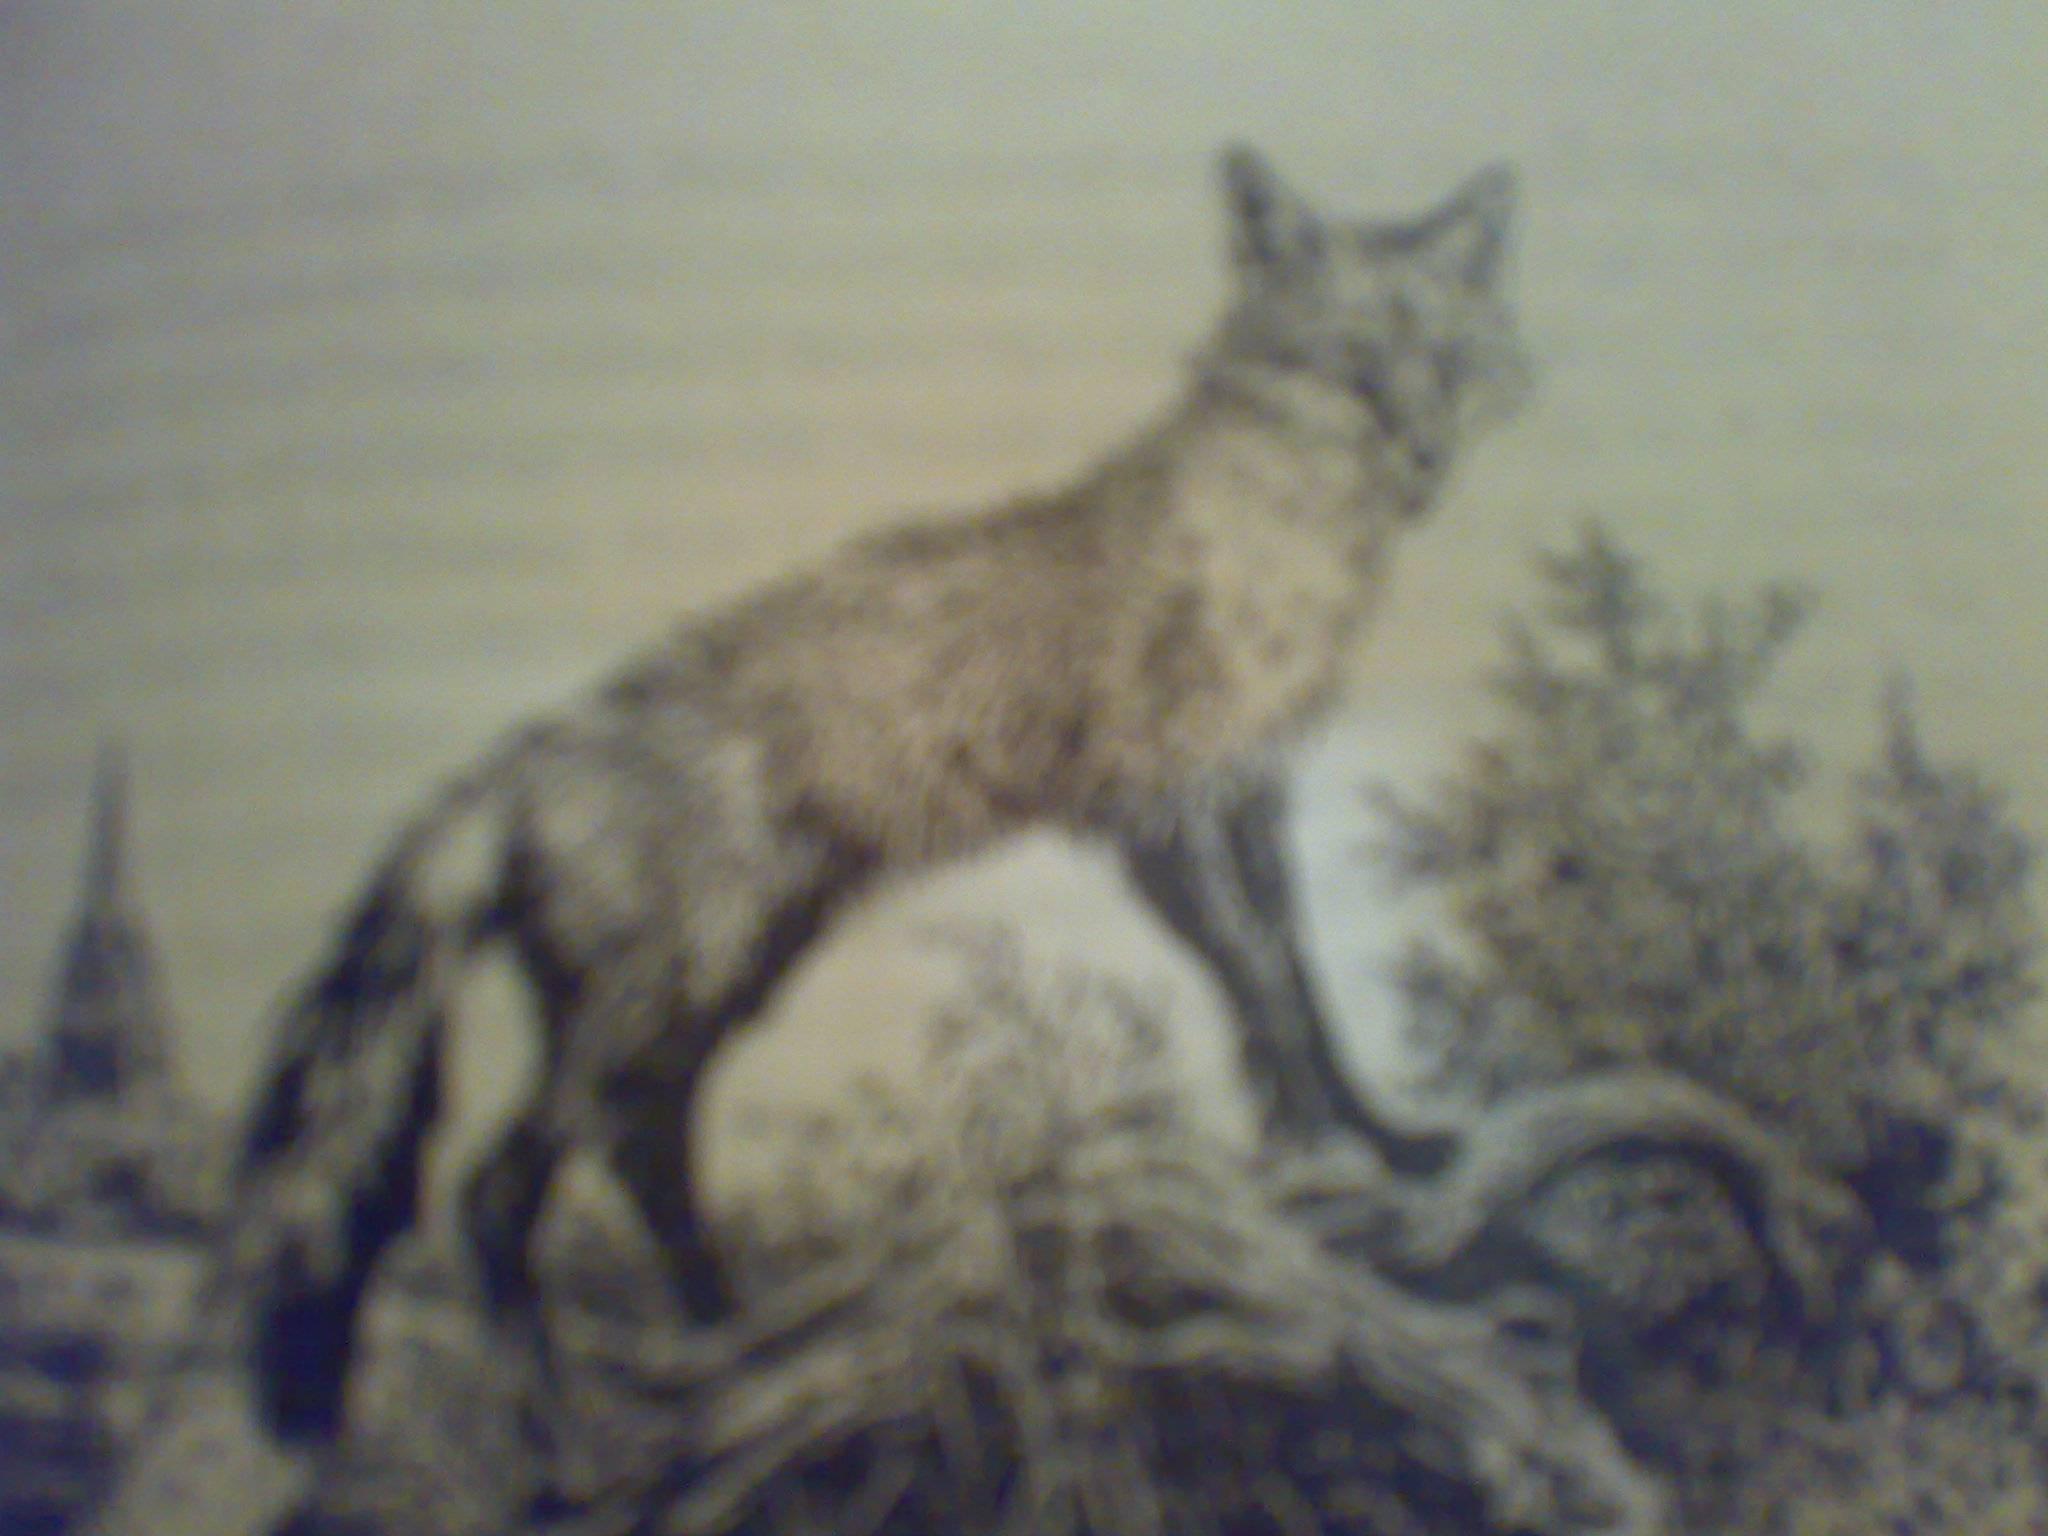 Иллюстрация 1 из 3 для Лунный зверь: Роман - Гарри Килворт | Лабиринт - книги. Источник: Юлия7